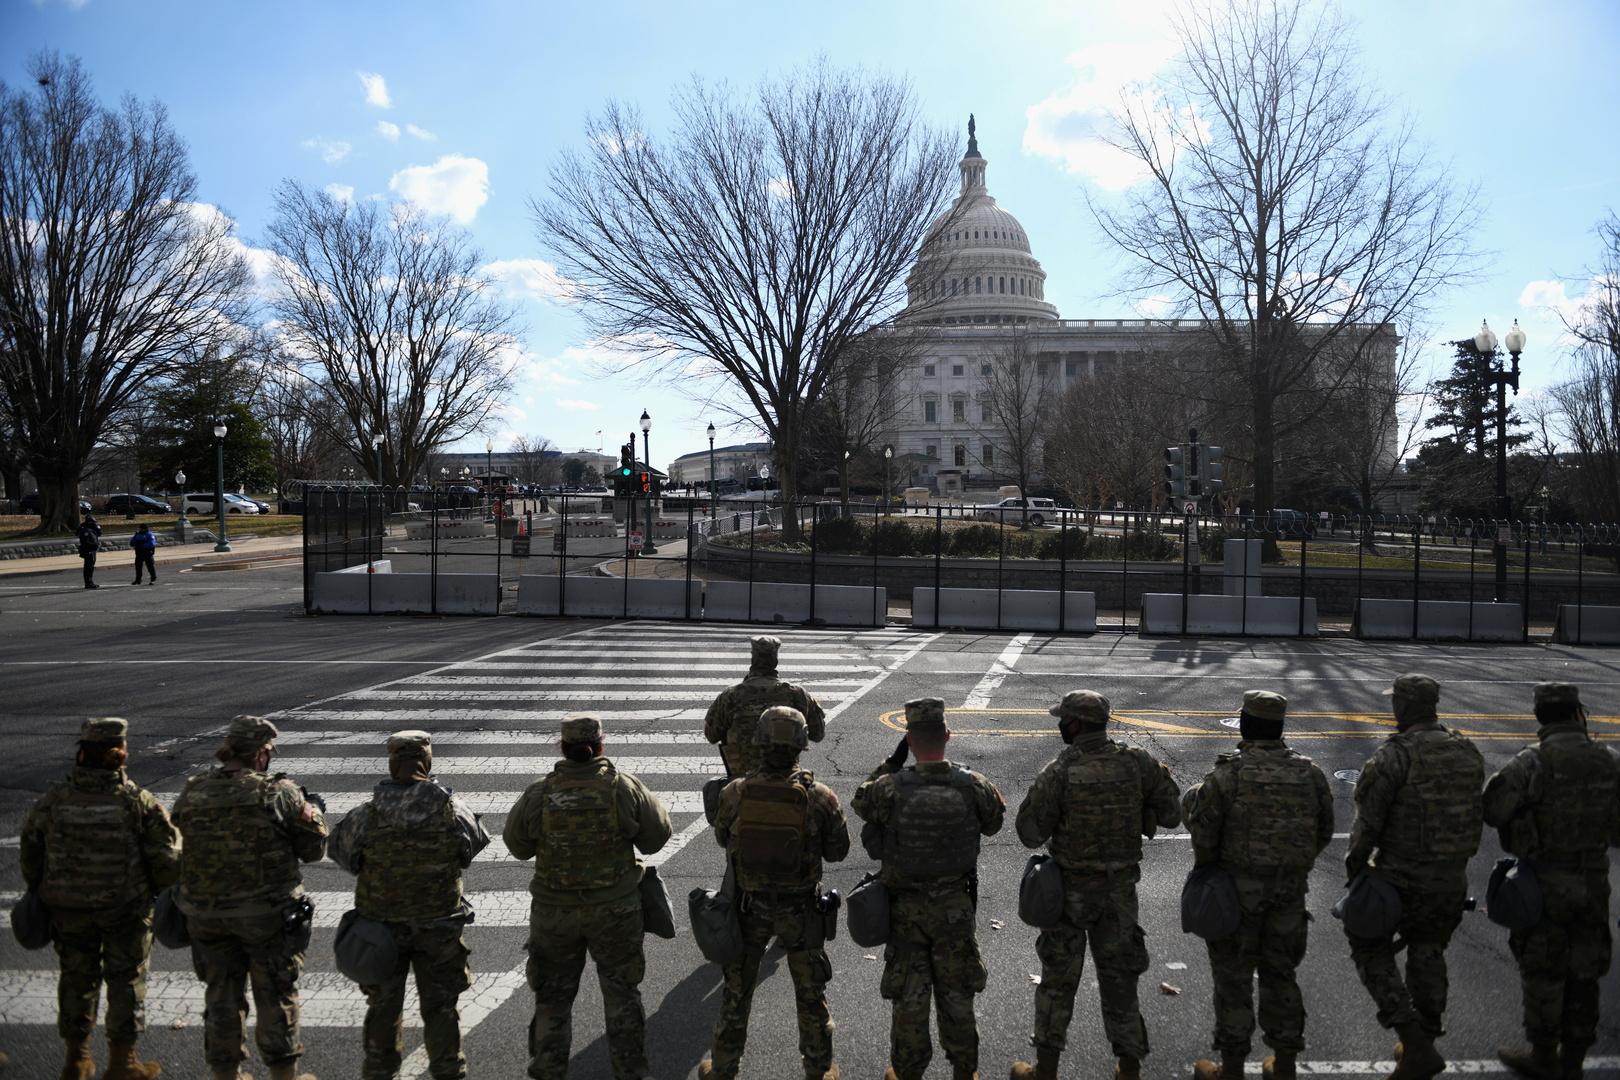 عناصر في الحرس الوطني الأمريكي أمام البيت الأبيض يوم تنصيب الرئيس الجديد، جو بايدن.